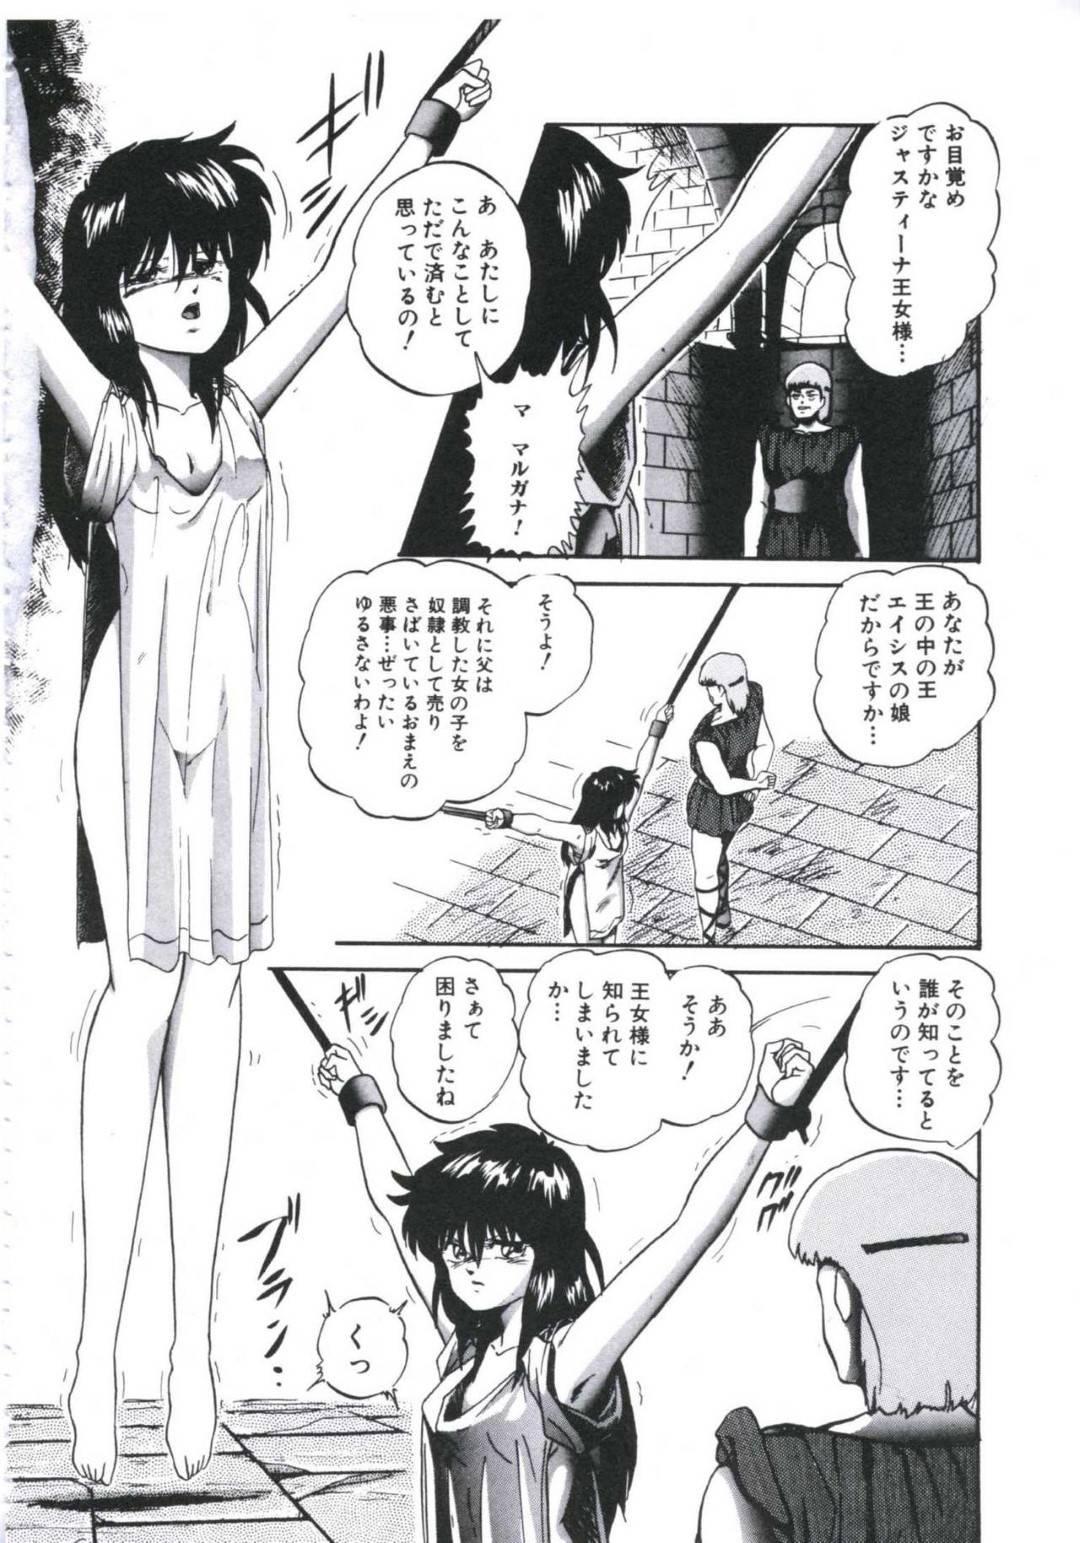 【エロ漫画】女たちが拷問を受けている城へ救出に行った女王だったが、自分自身も捕らわれの身となり性的拷問の屈辱を受け続けることになる